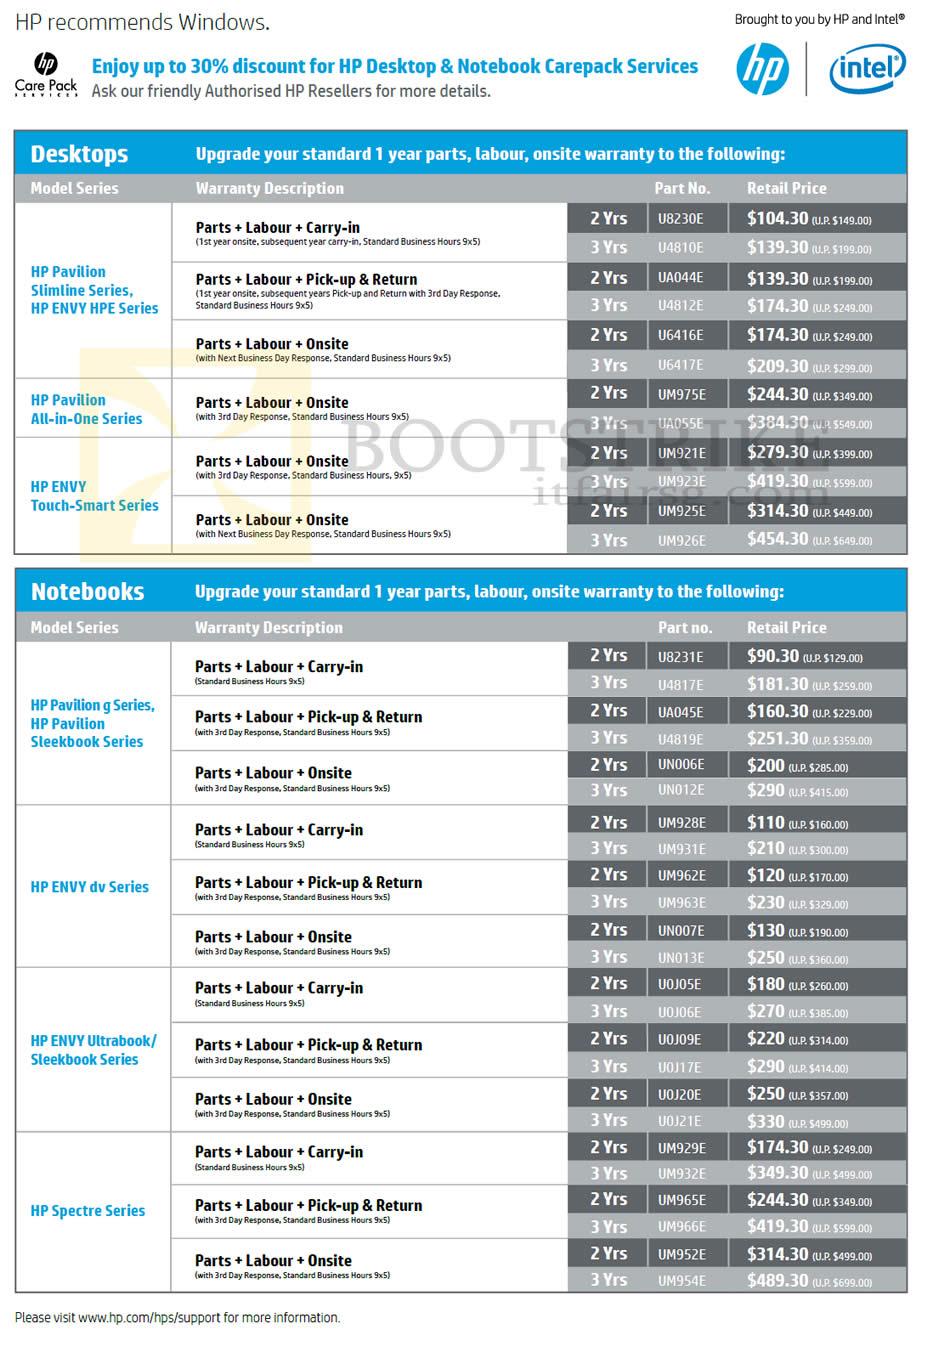 SITEX 2012 price list image brochure of HP Desktop Notebook Warranty Options